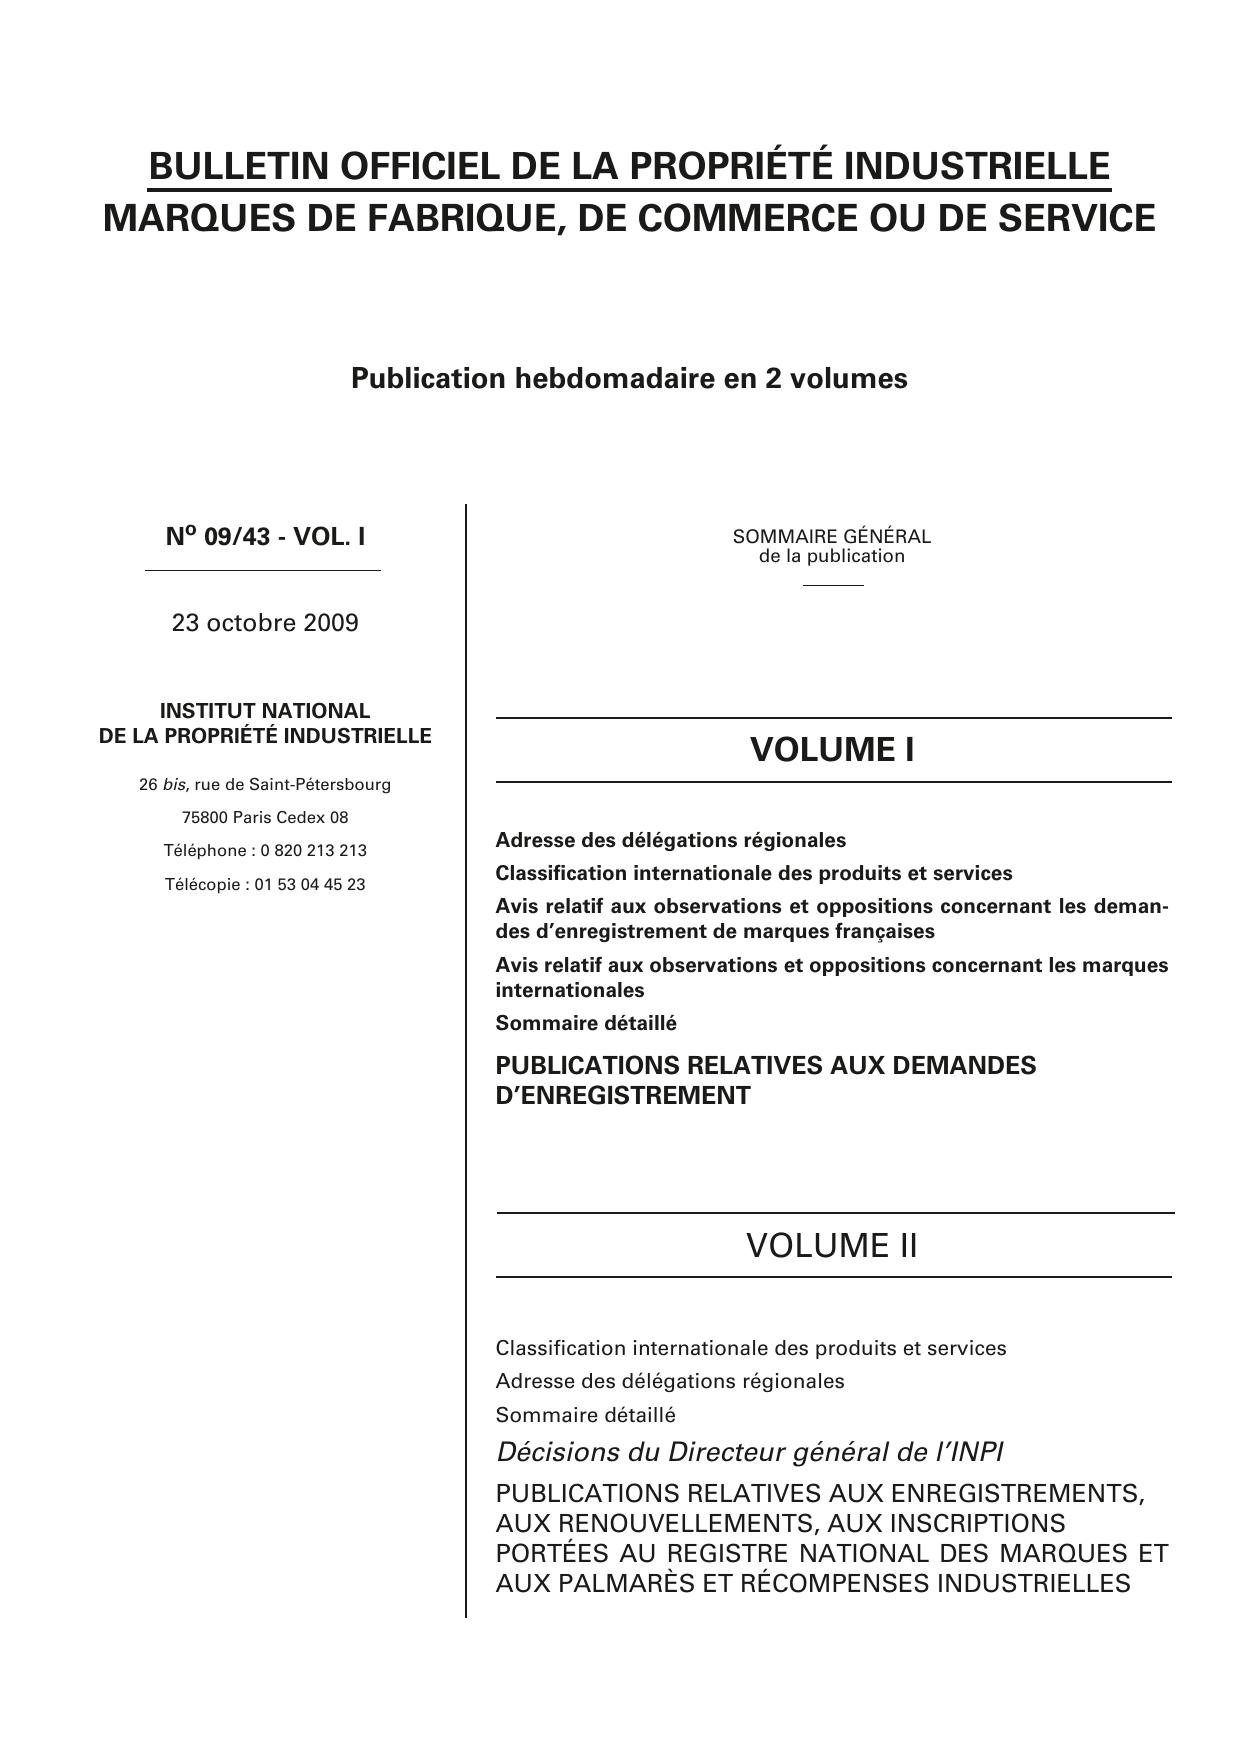 Fabrique Officiel Marques De Propriété La Bulletin Industrielle LMqpUVGjSz